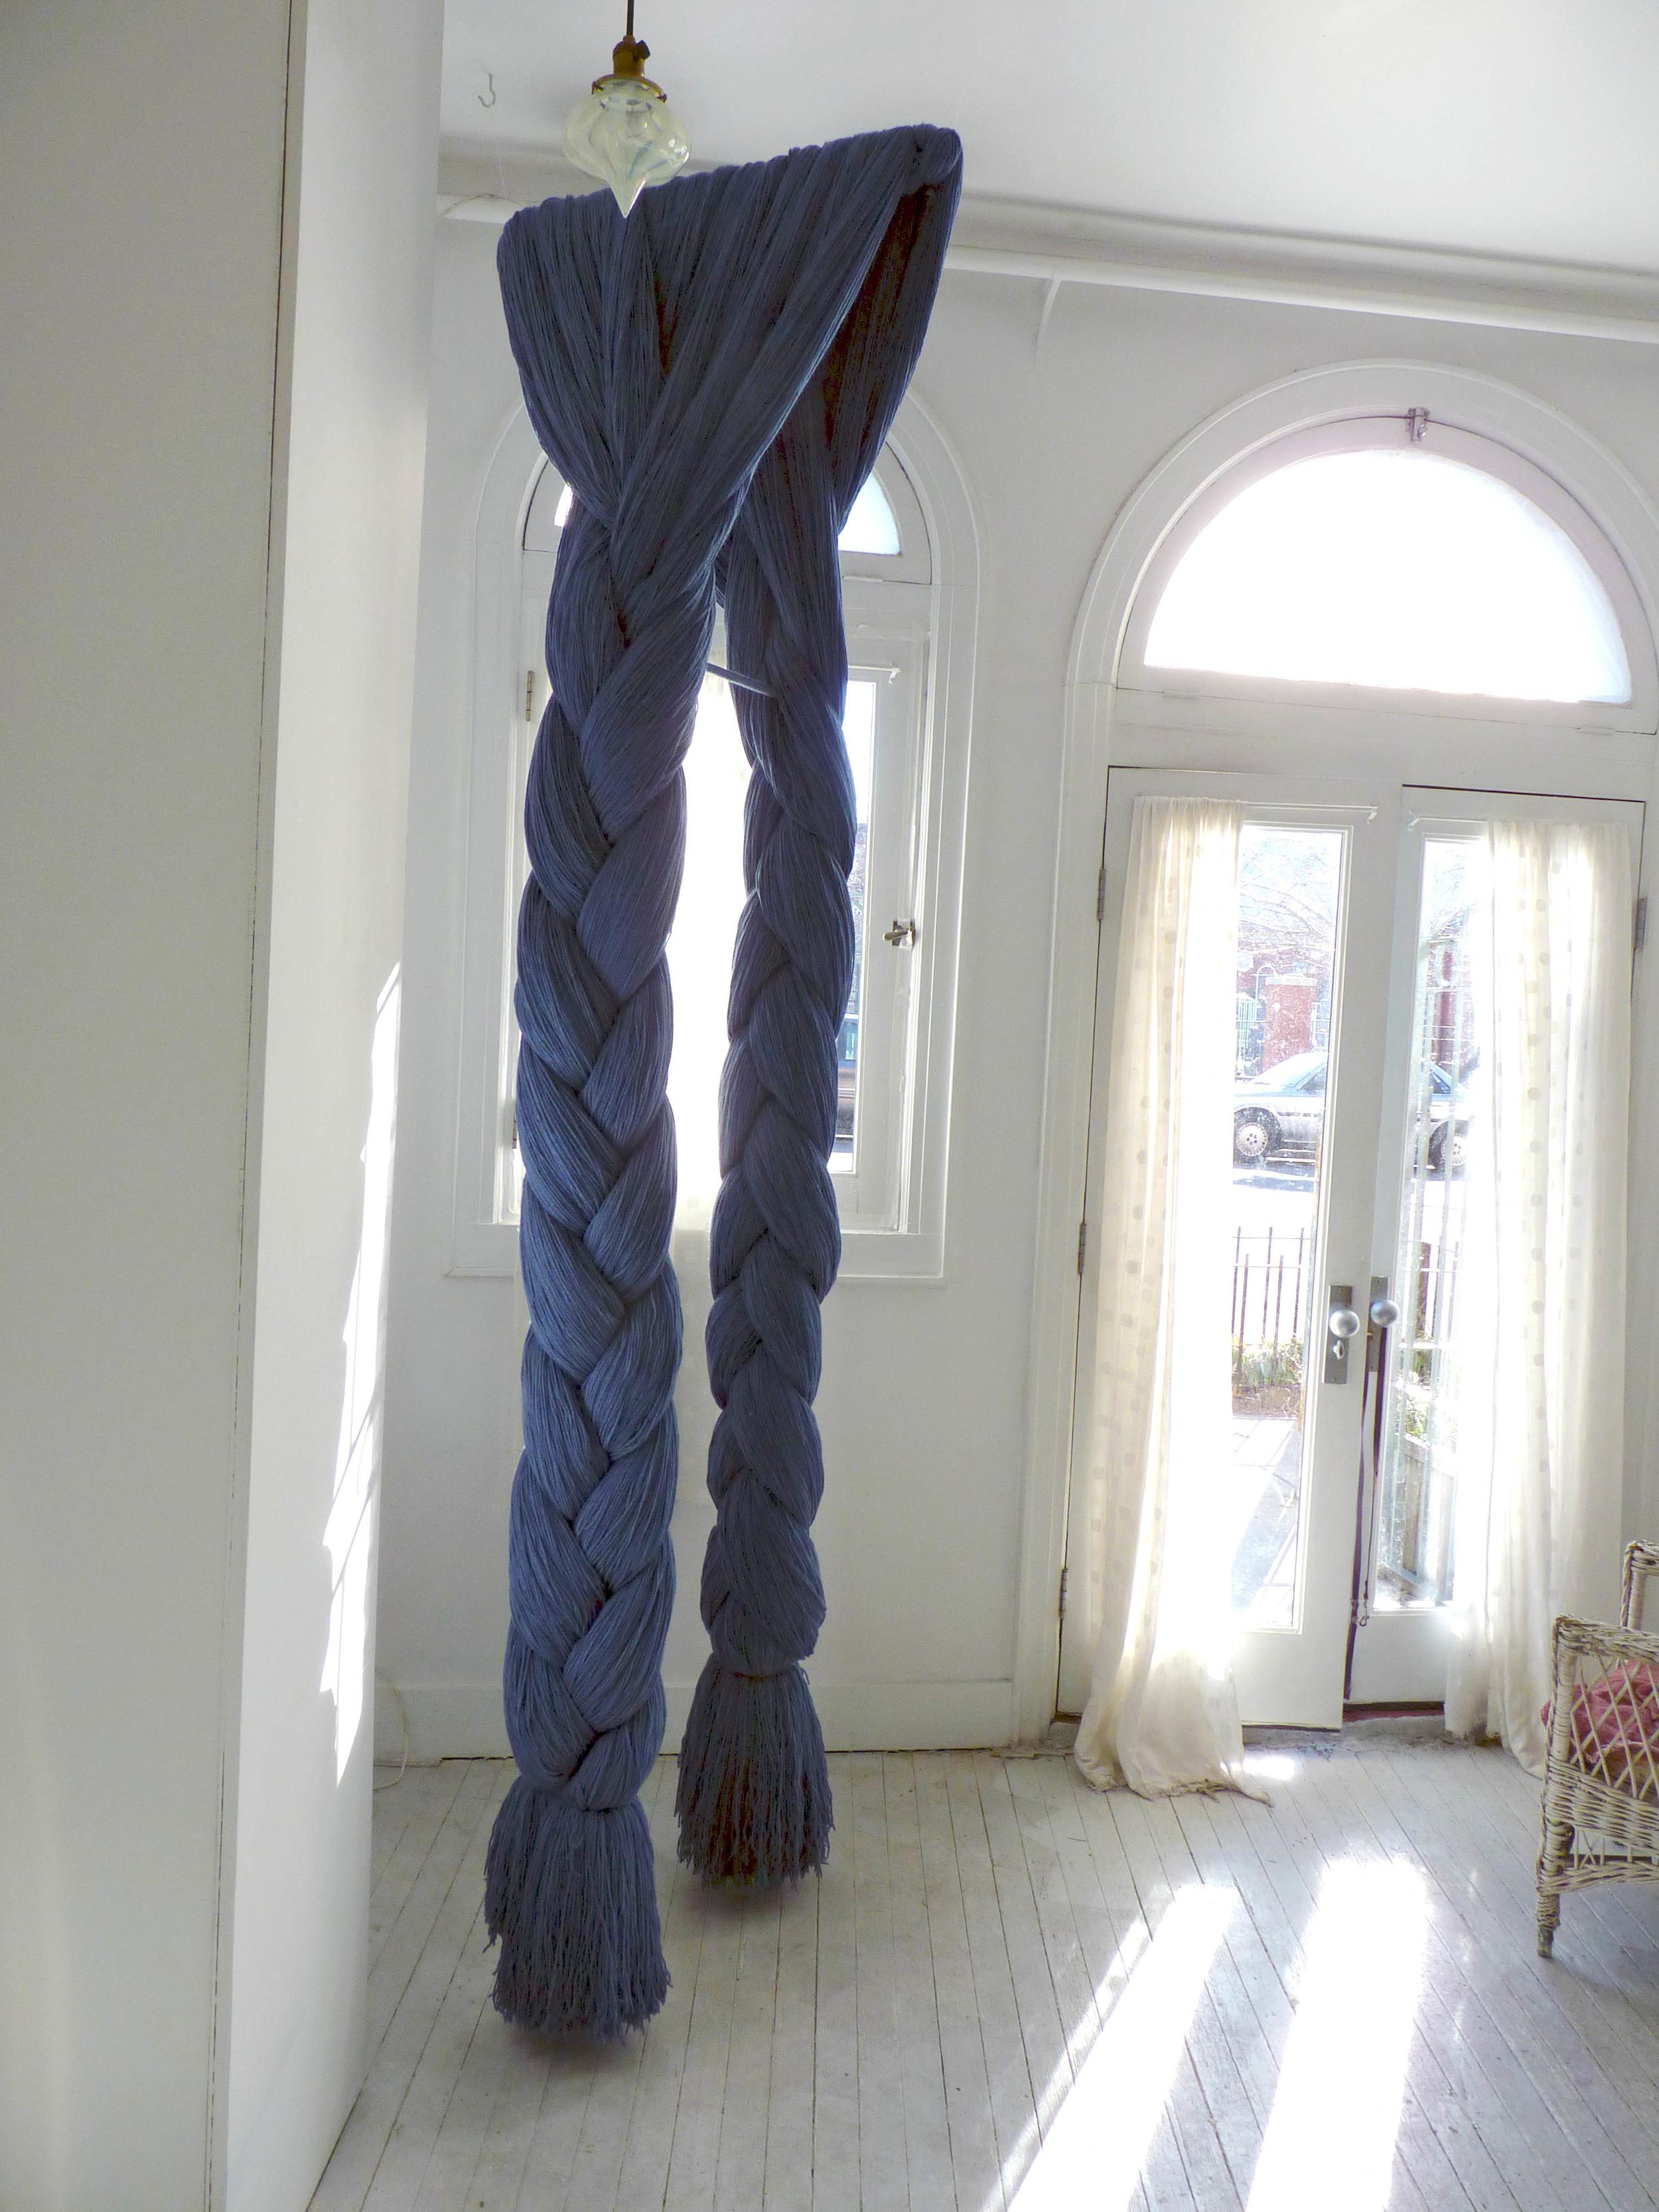 Laura, 2005-11, Acrylic Yarn, hardware, 3 x 4 x 9 feet